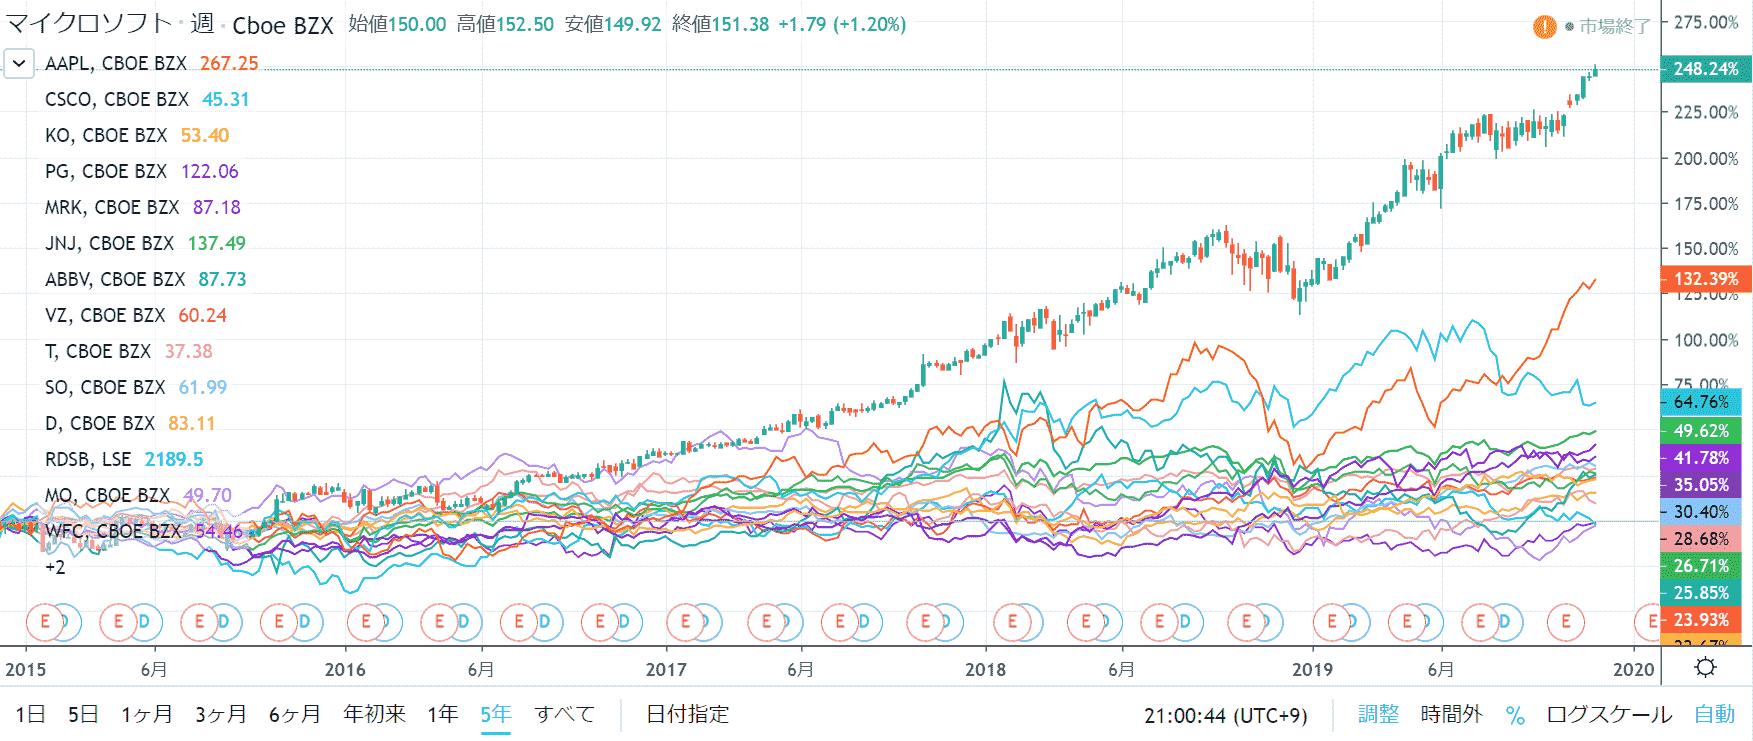 米国株 保有銘柄の株価チャート一覧